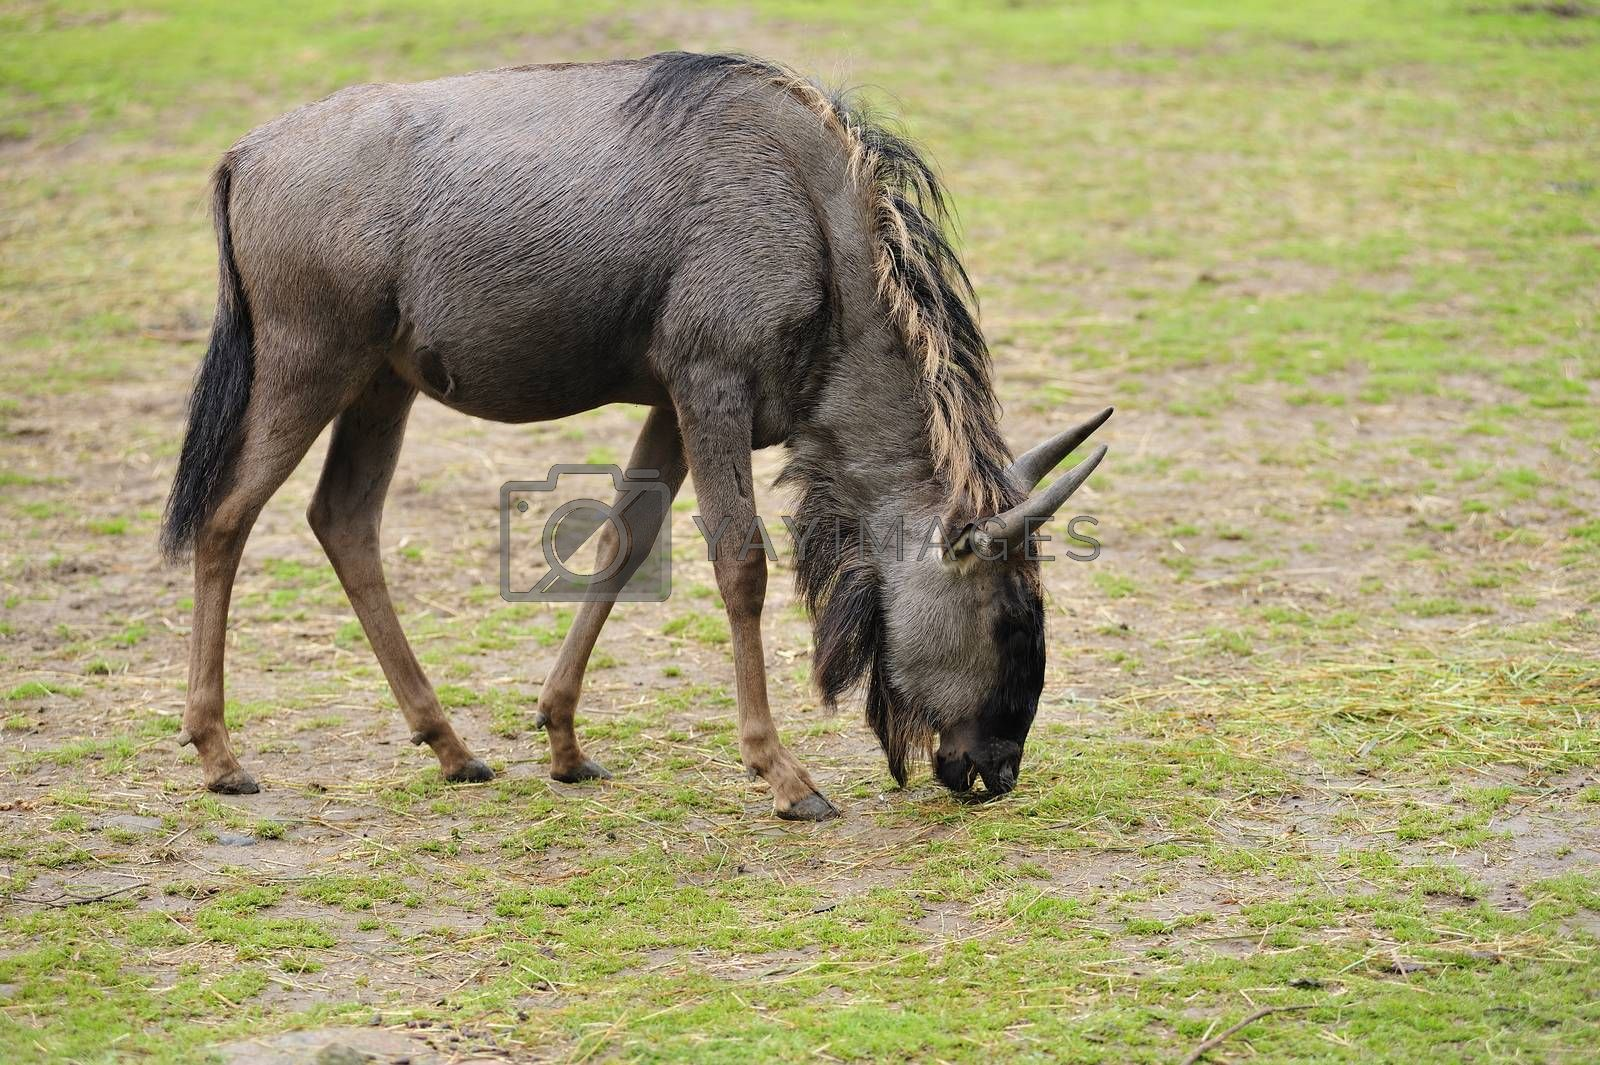 Closeup of a wildebeest.